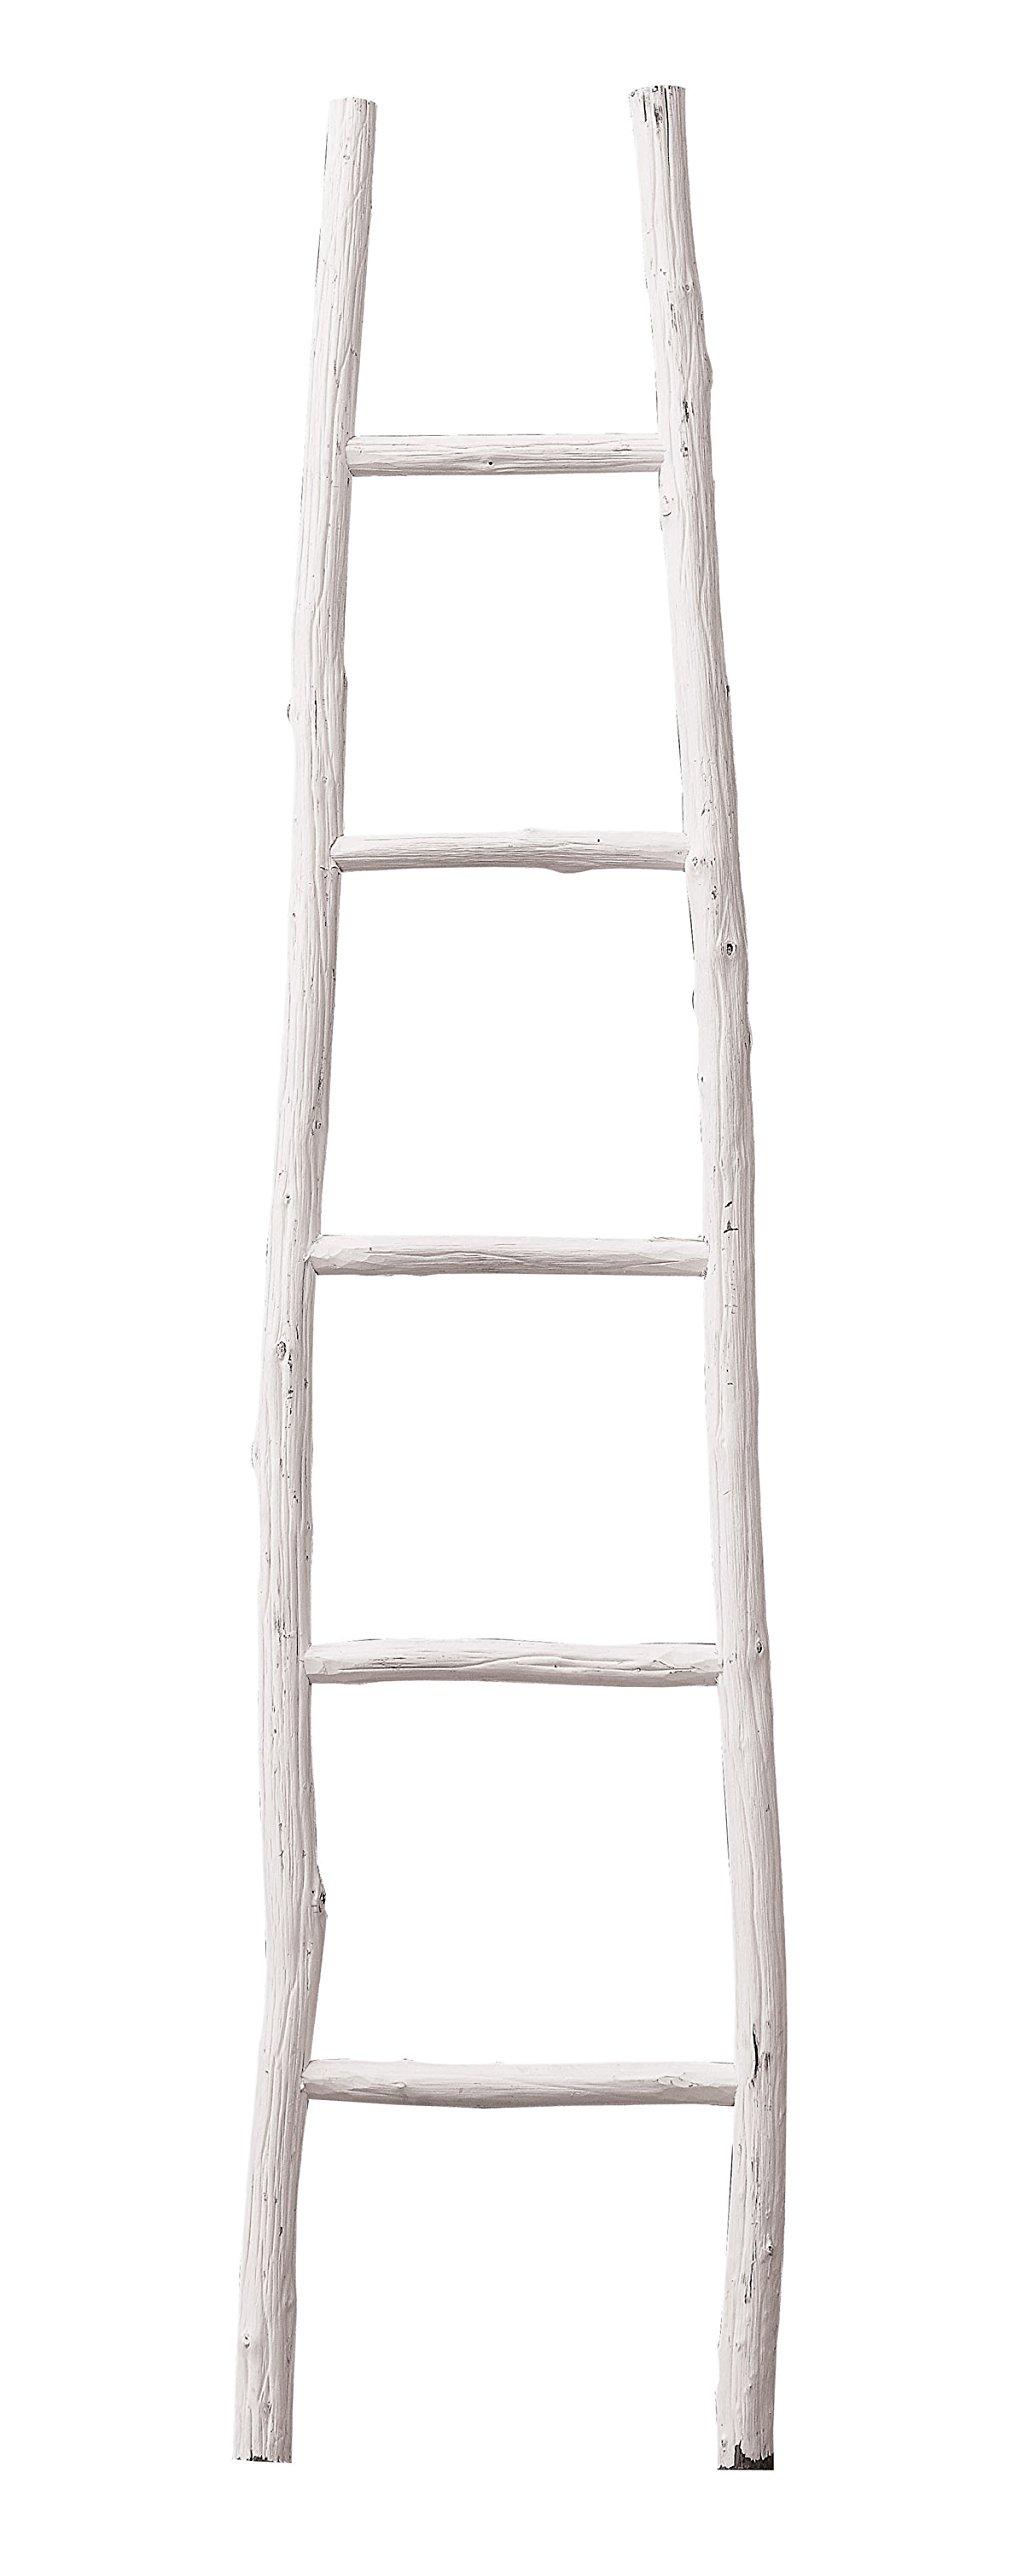 Creative Co-op DA1901 Decorative Wood Ladder